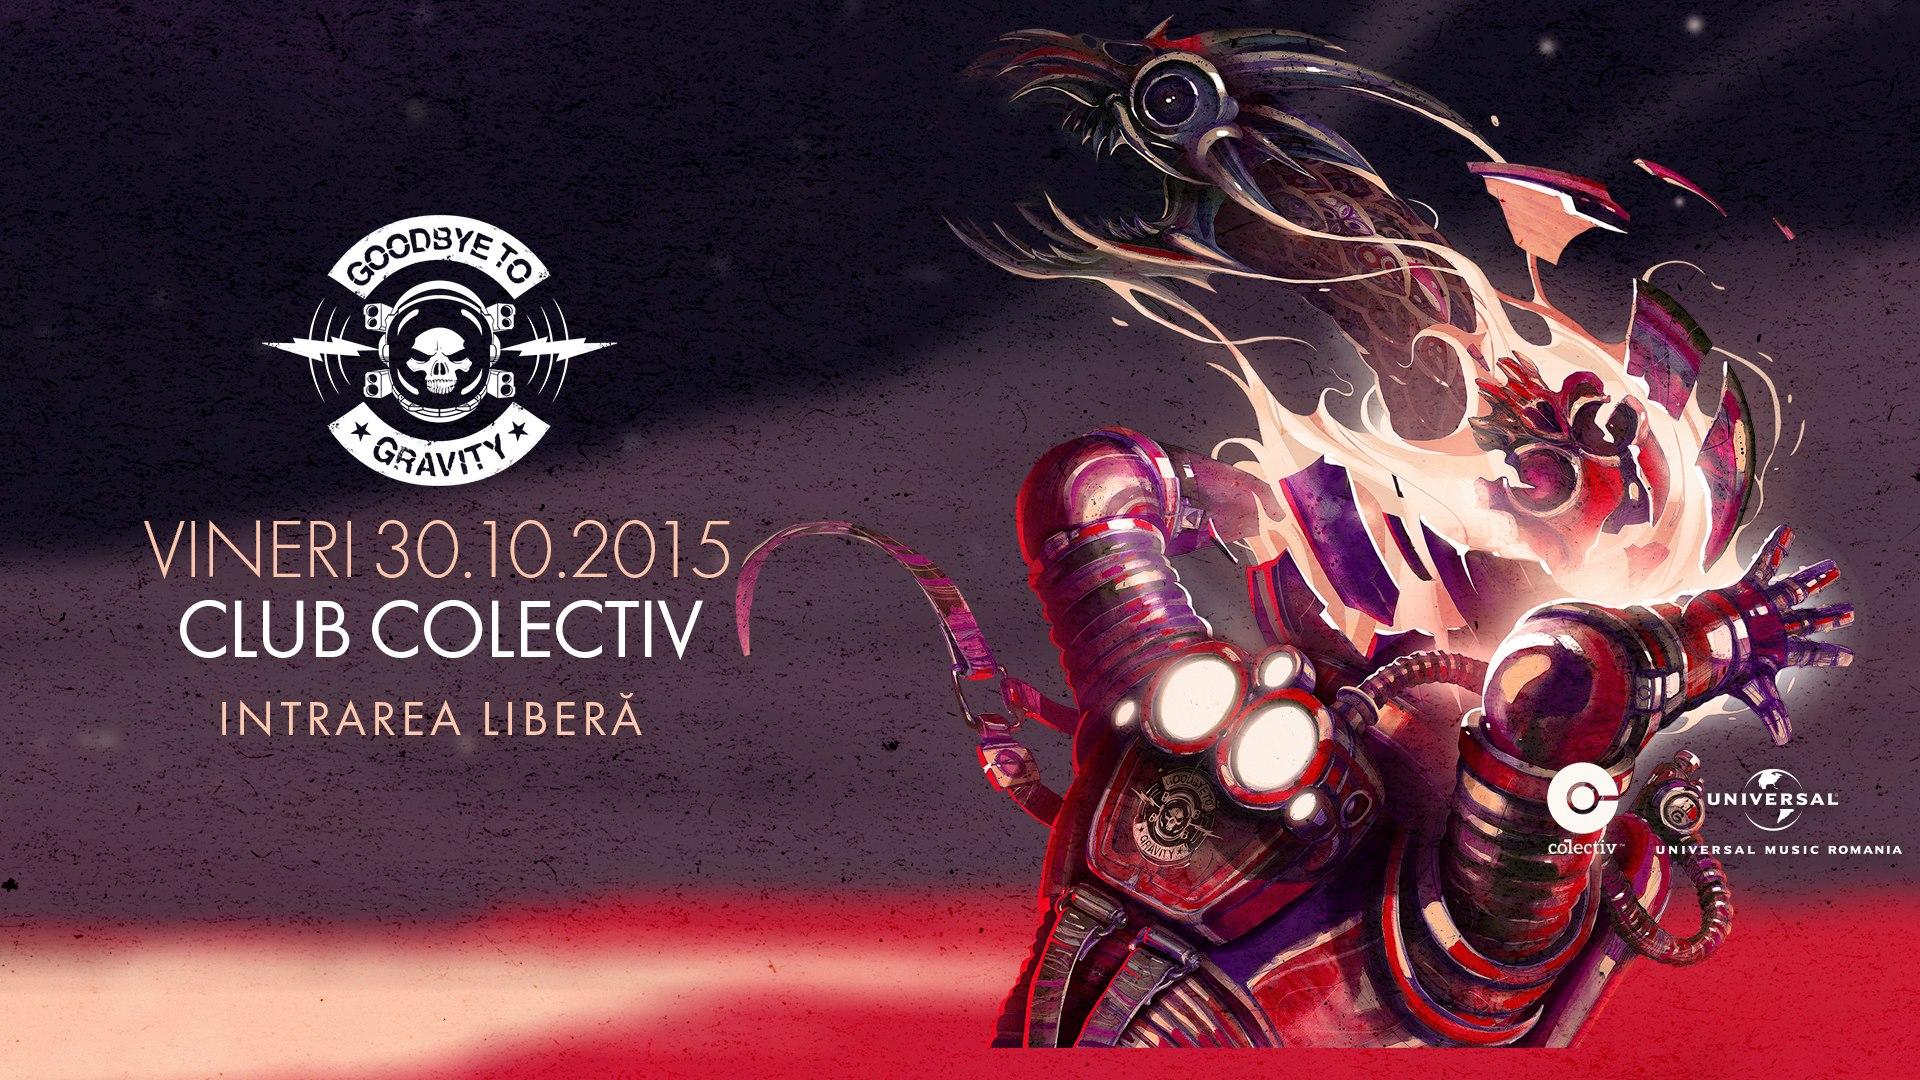 Concert Goodbye To Gravity la Bucuresti, pentru lansarea noului album. Accesul este LIBER